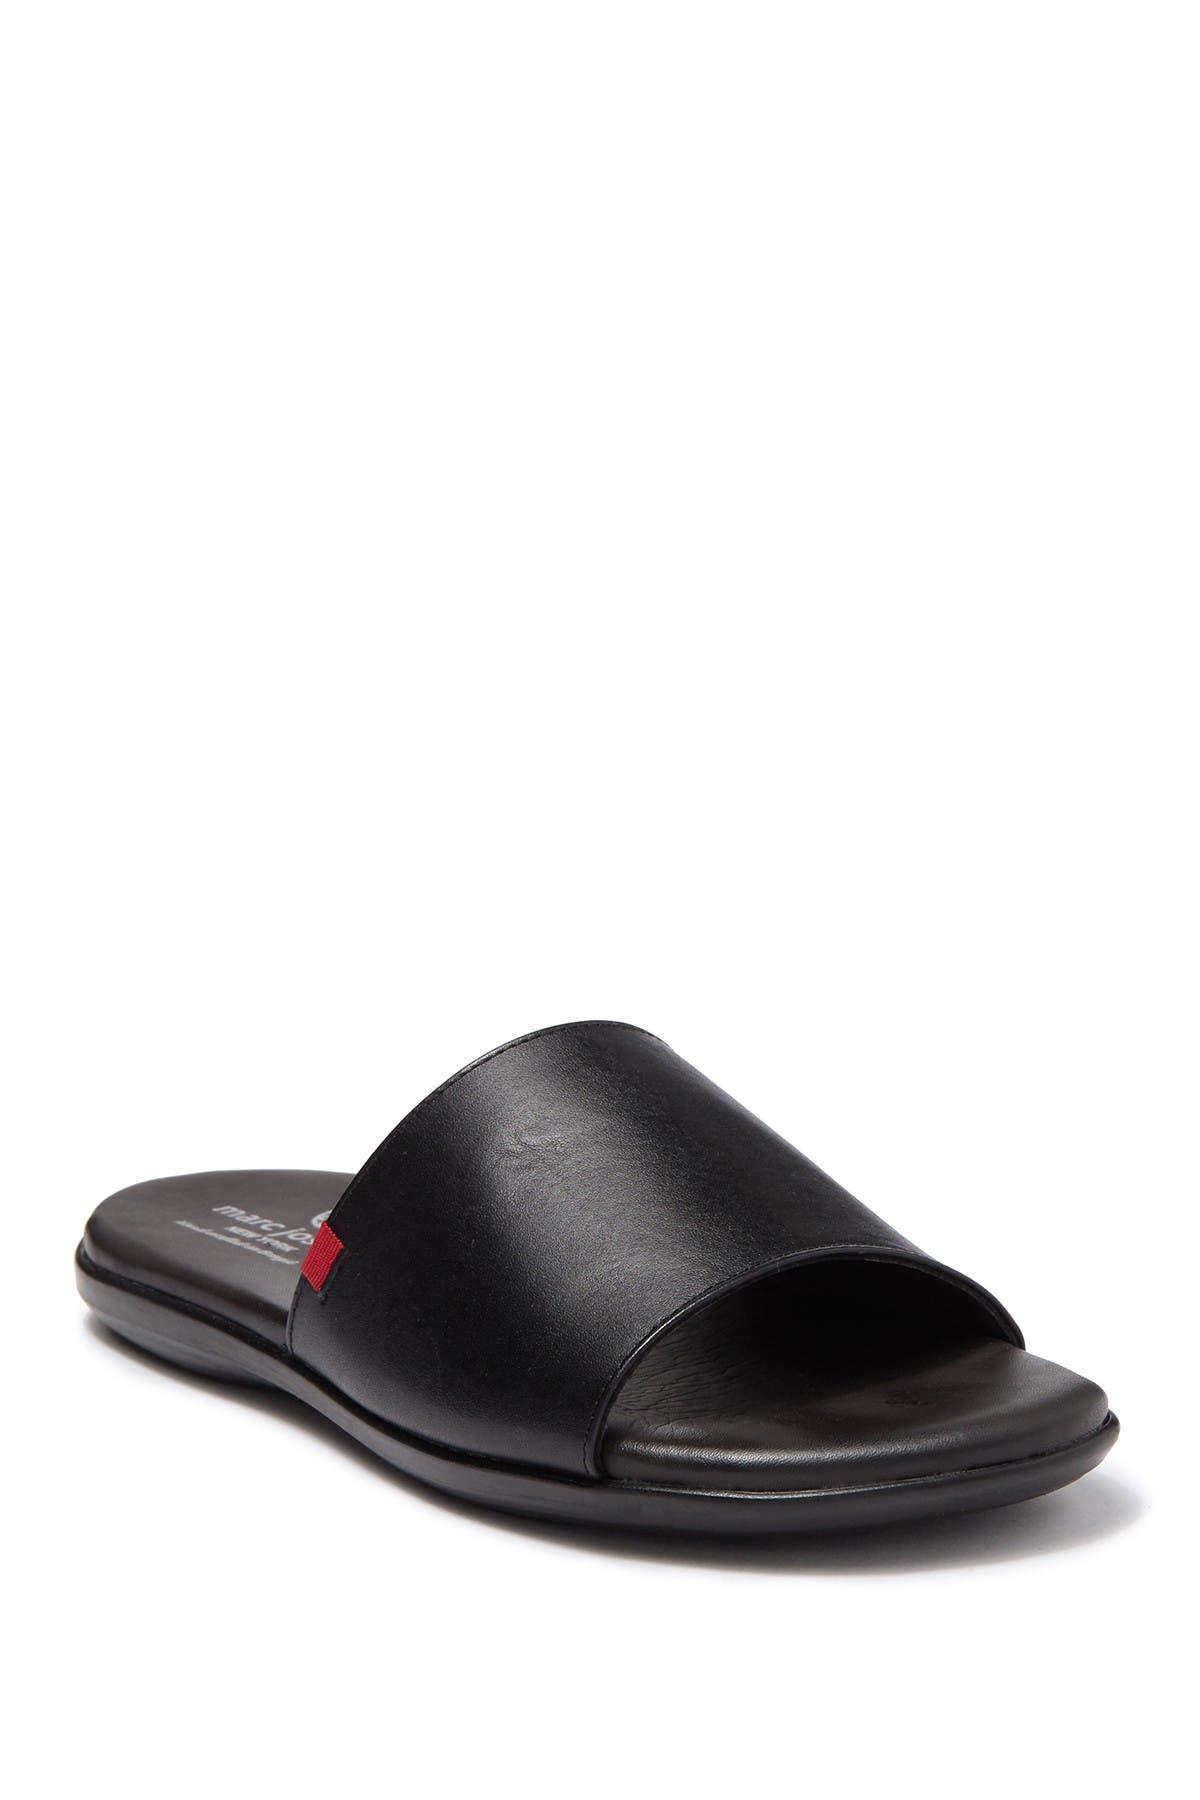 Image of Marc Joseph New York Vineyard Leather Slide Sandal